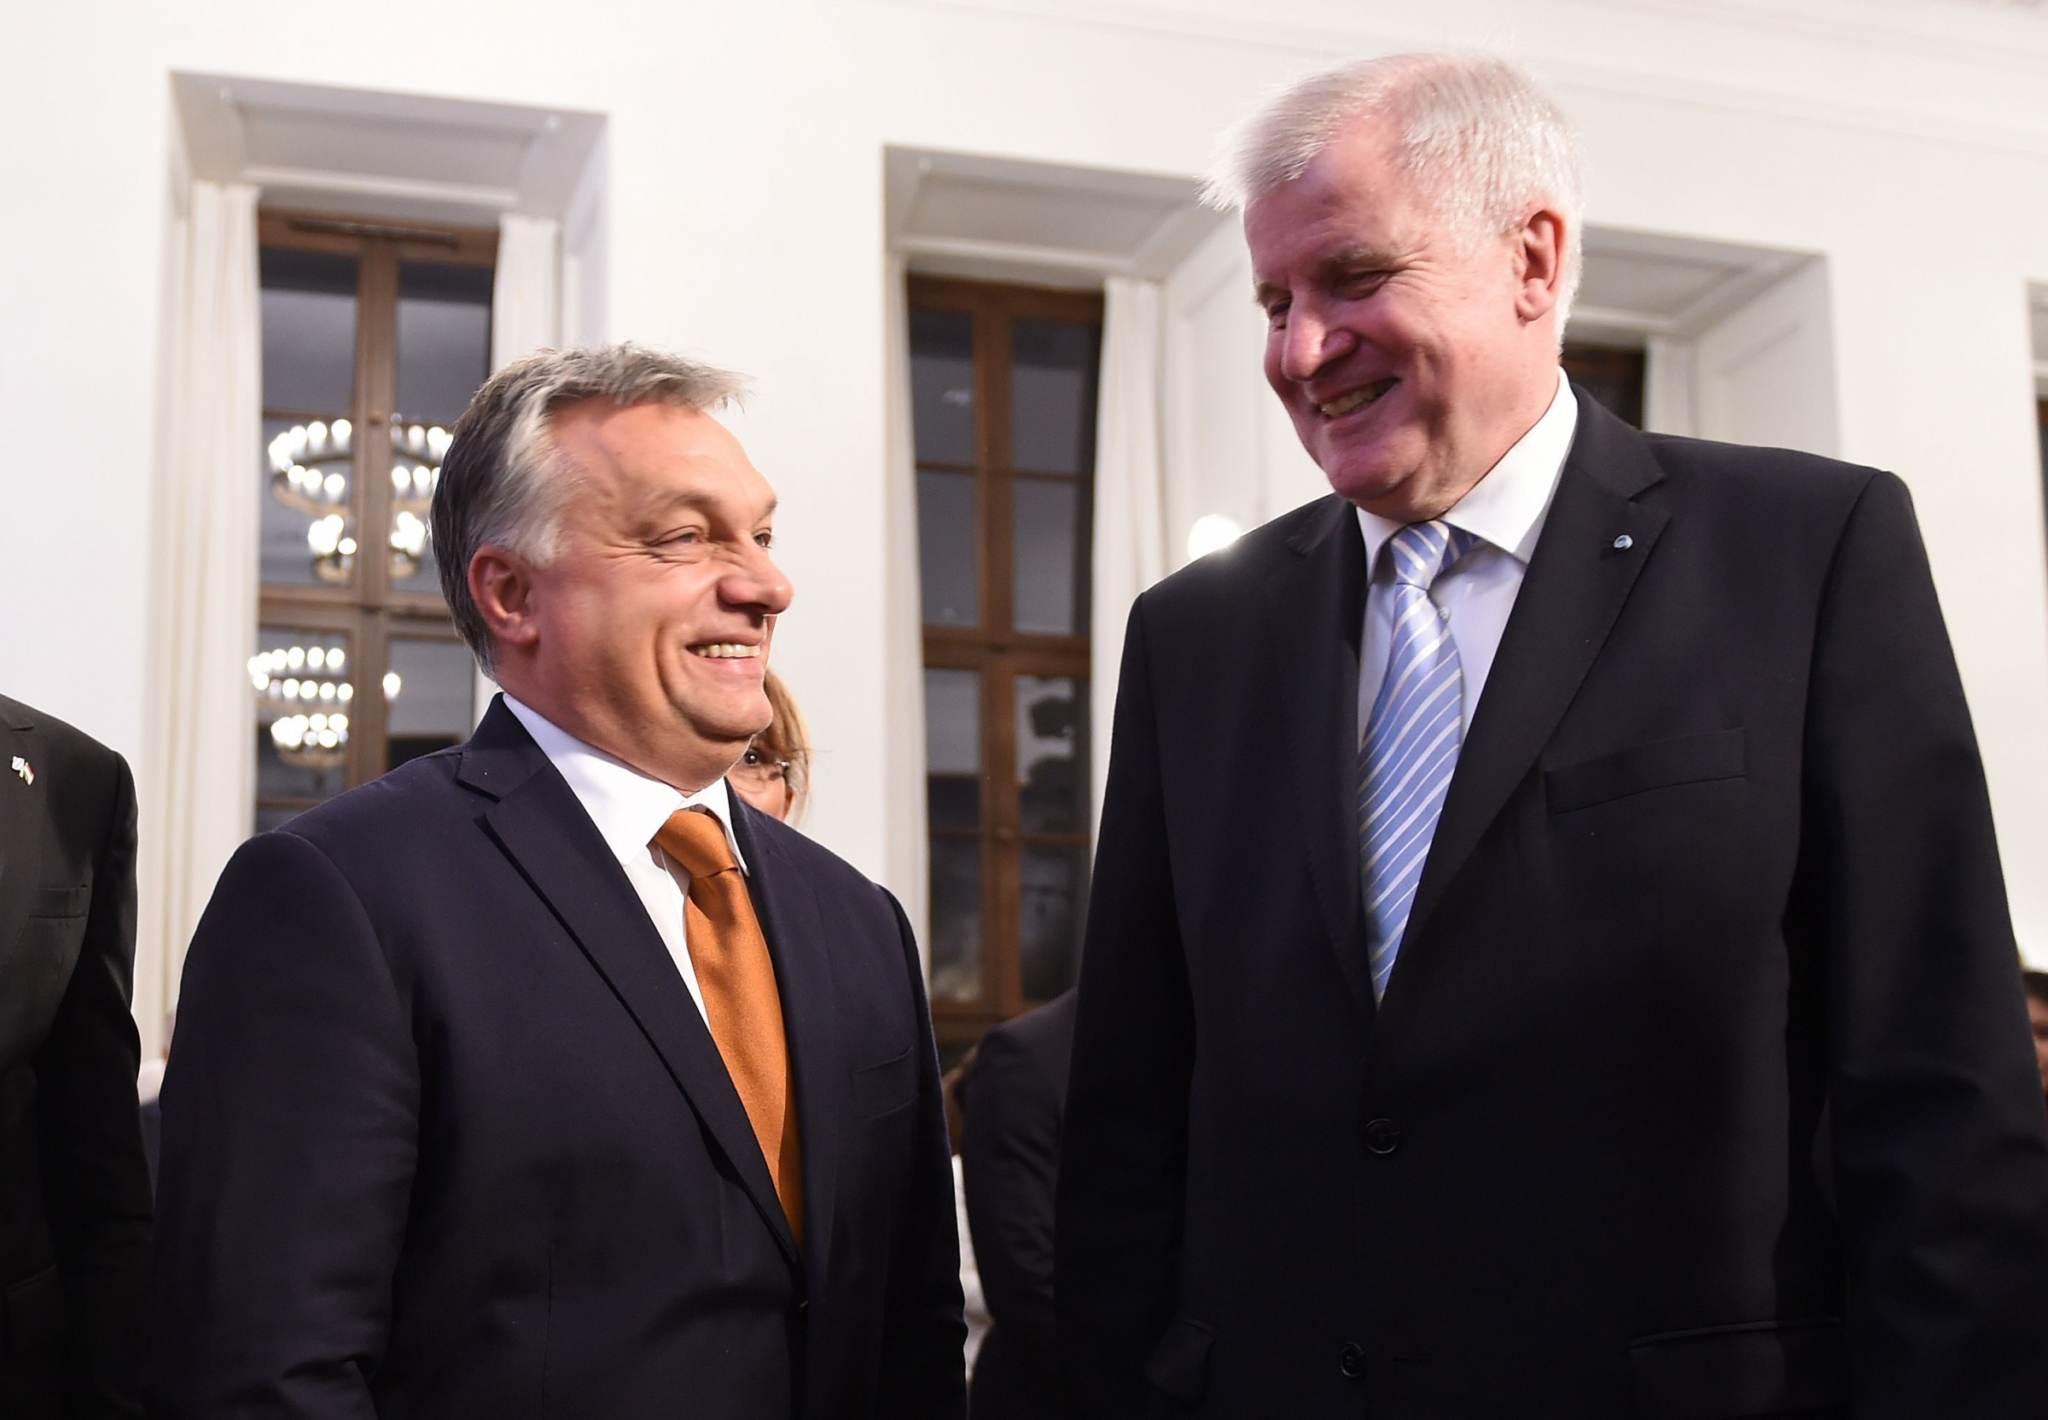 Viktor Orbán (vasakul) ja Horst Seehofer äsjasel kohtumisel. Foto: Christof Stache, AFP/Scanpix